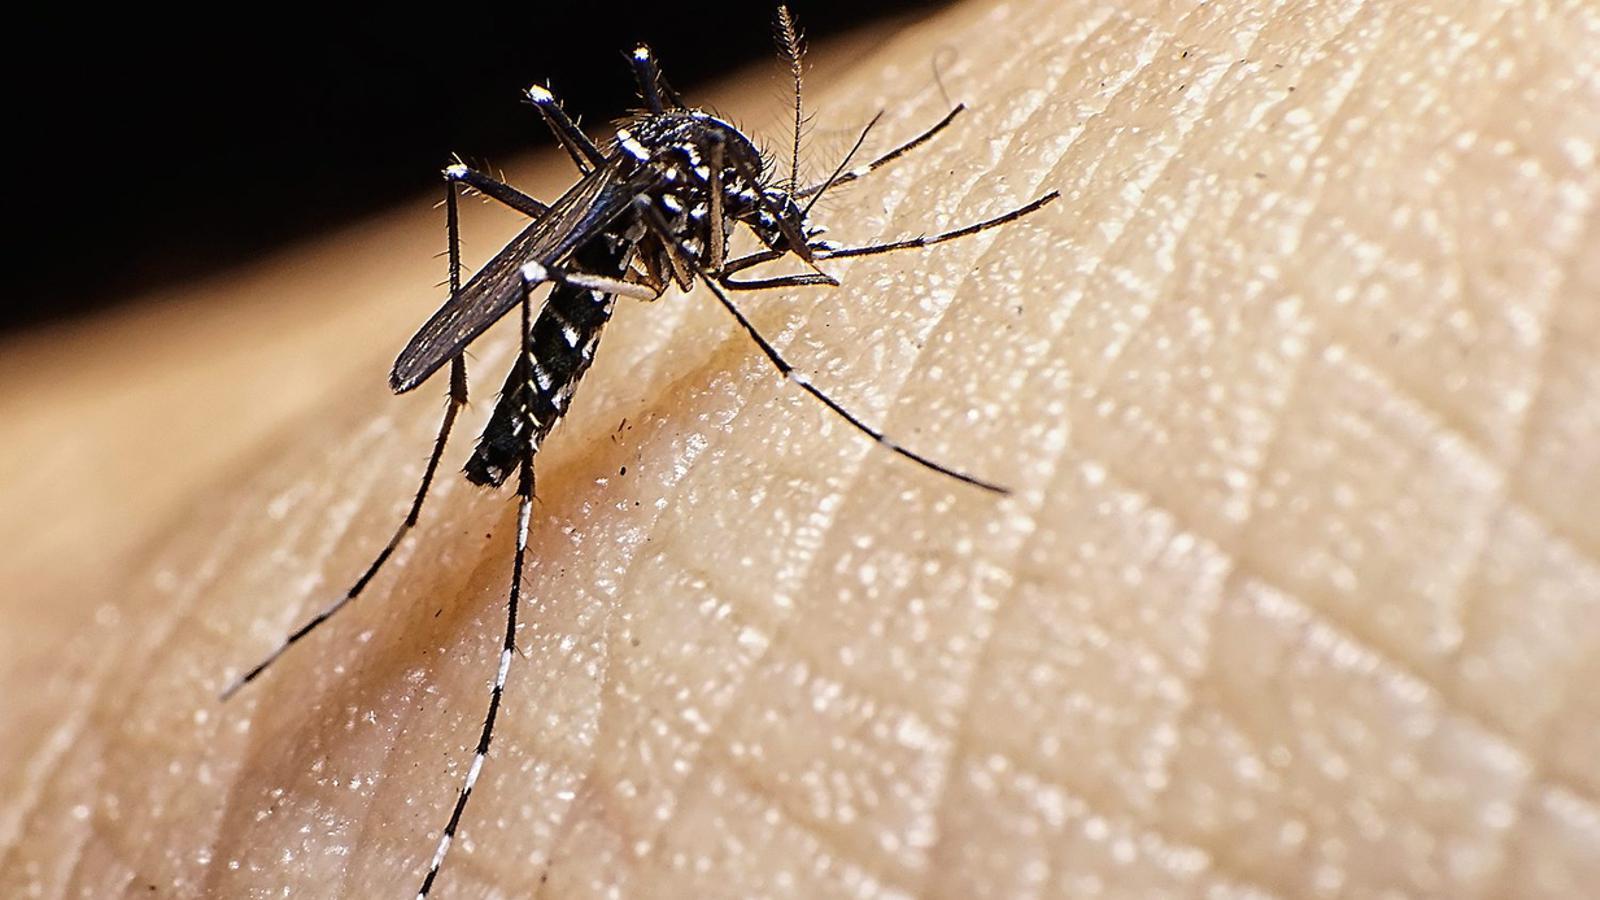 PROBLEMA SANITARI  El mosquit tigre és un vector transmissor de malalties com el dengue.